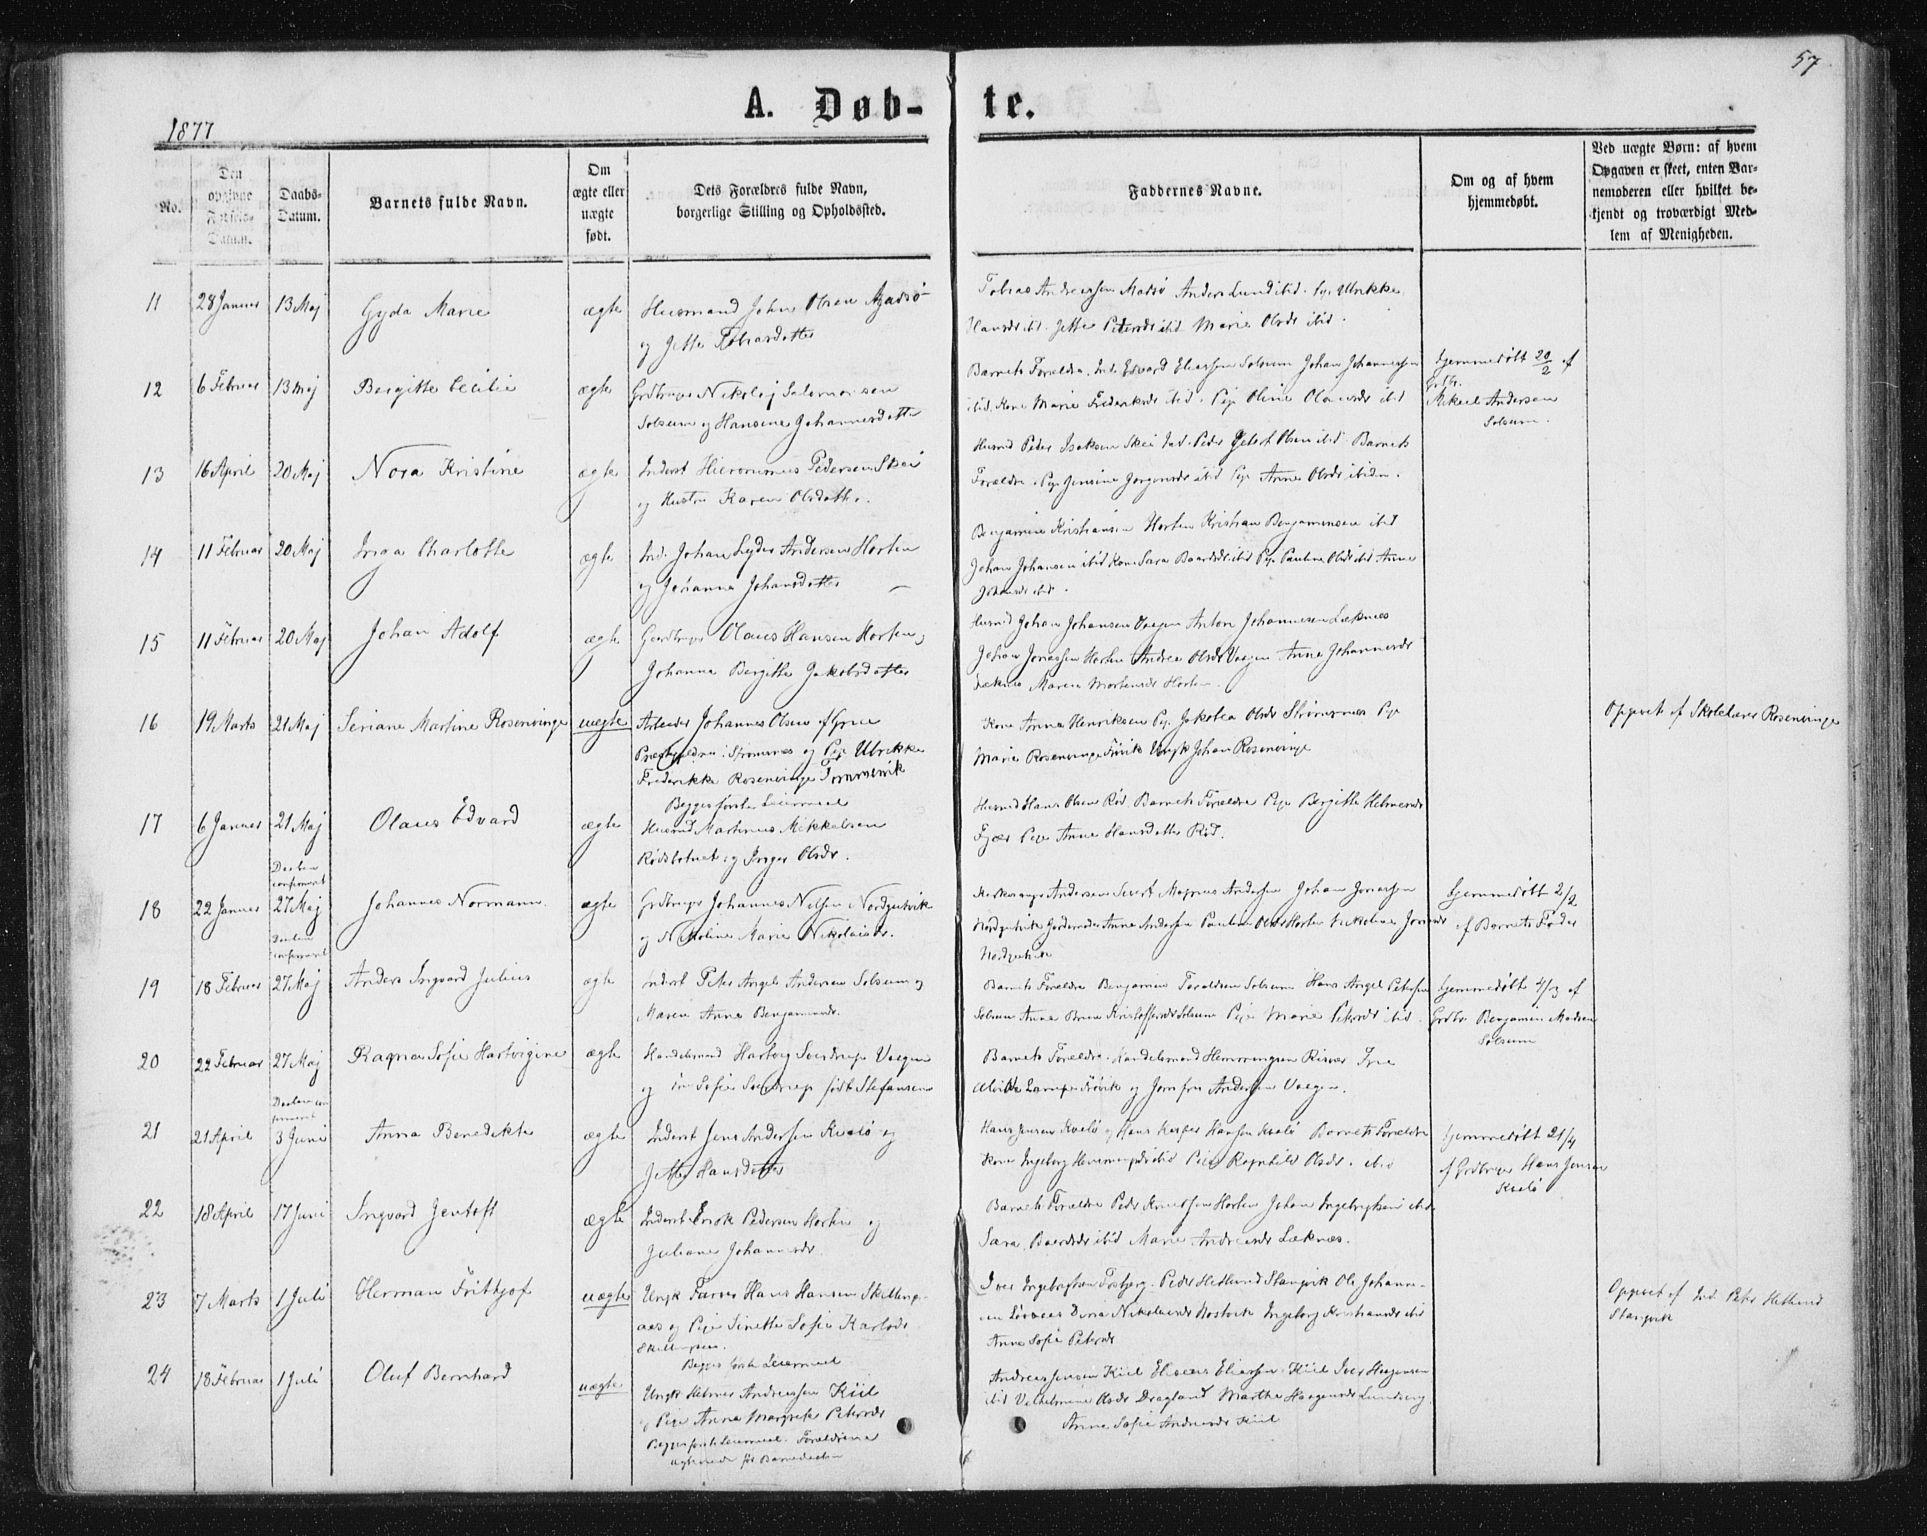 SAT, Ministerialprotokoller, klokkerbøker og fødselsregistre - Nord-Trøndelag, 788/L0696: Ministerialbok nr. 788A03, 1863-1877, s. 57